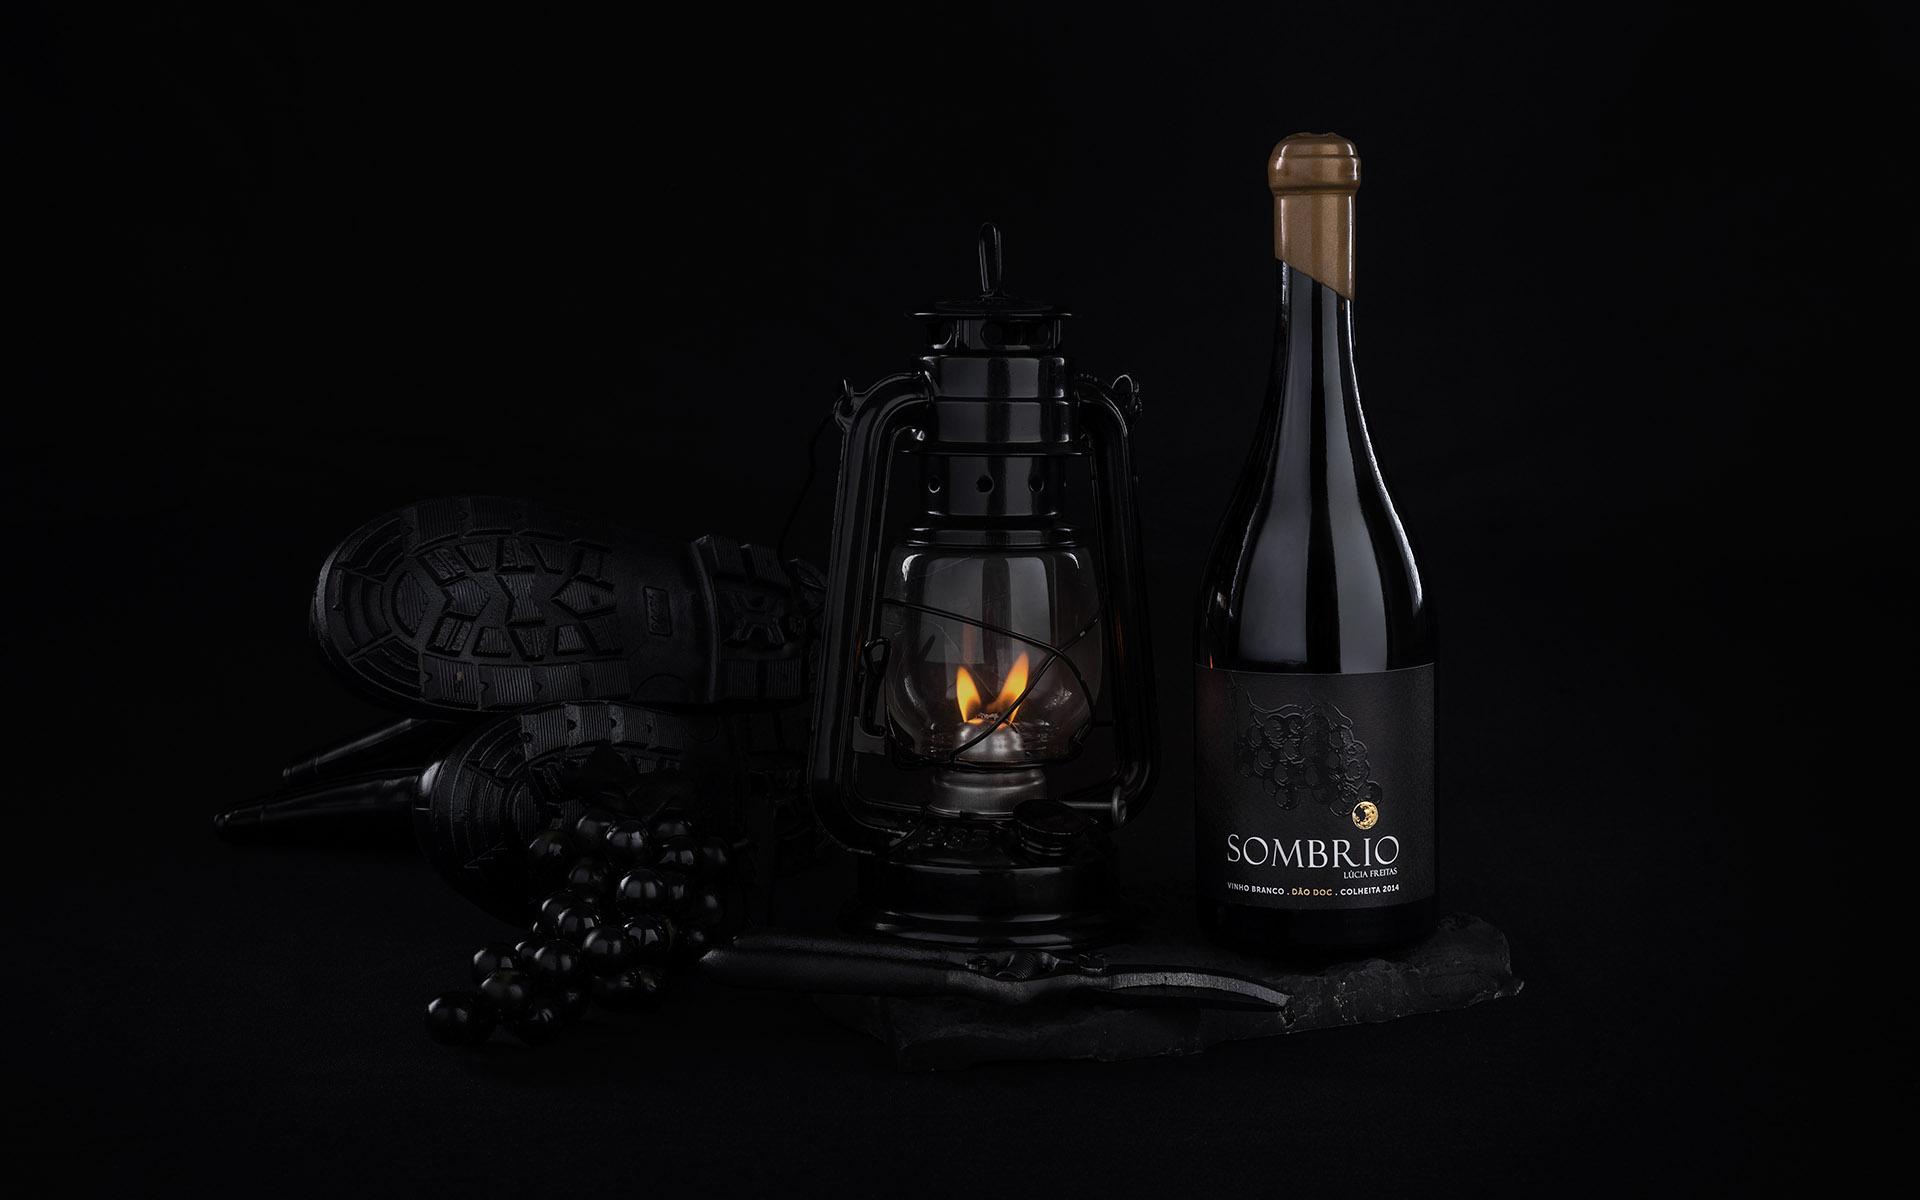 <p>Sob um manto negro da noite revela-se o vinho Sombrio</p>